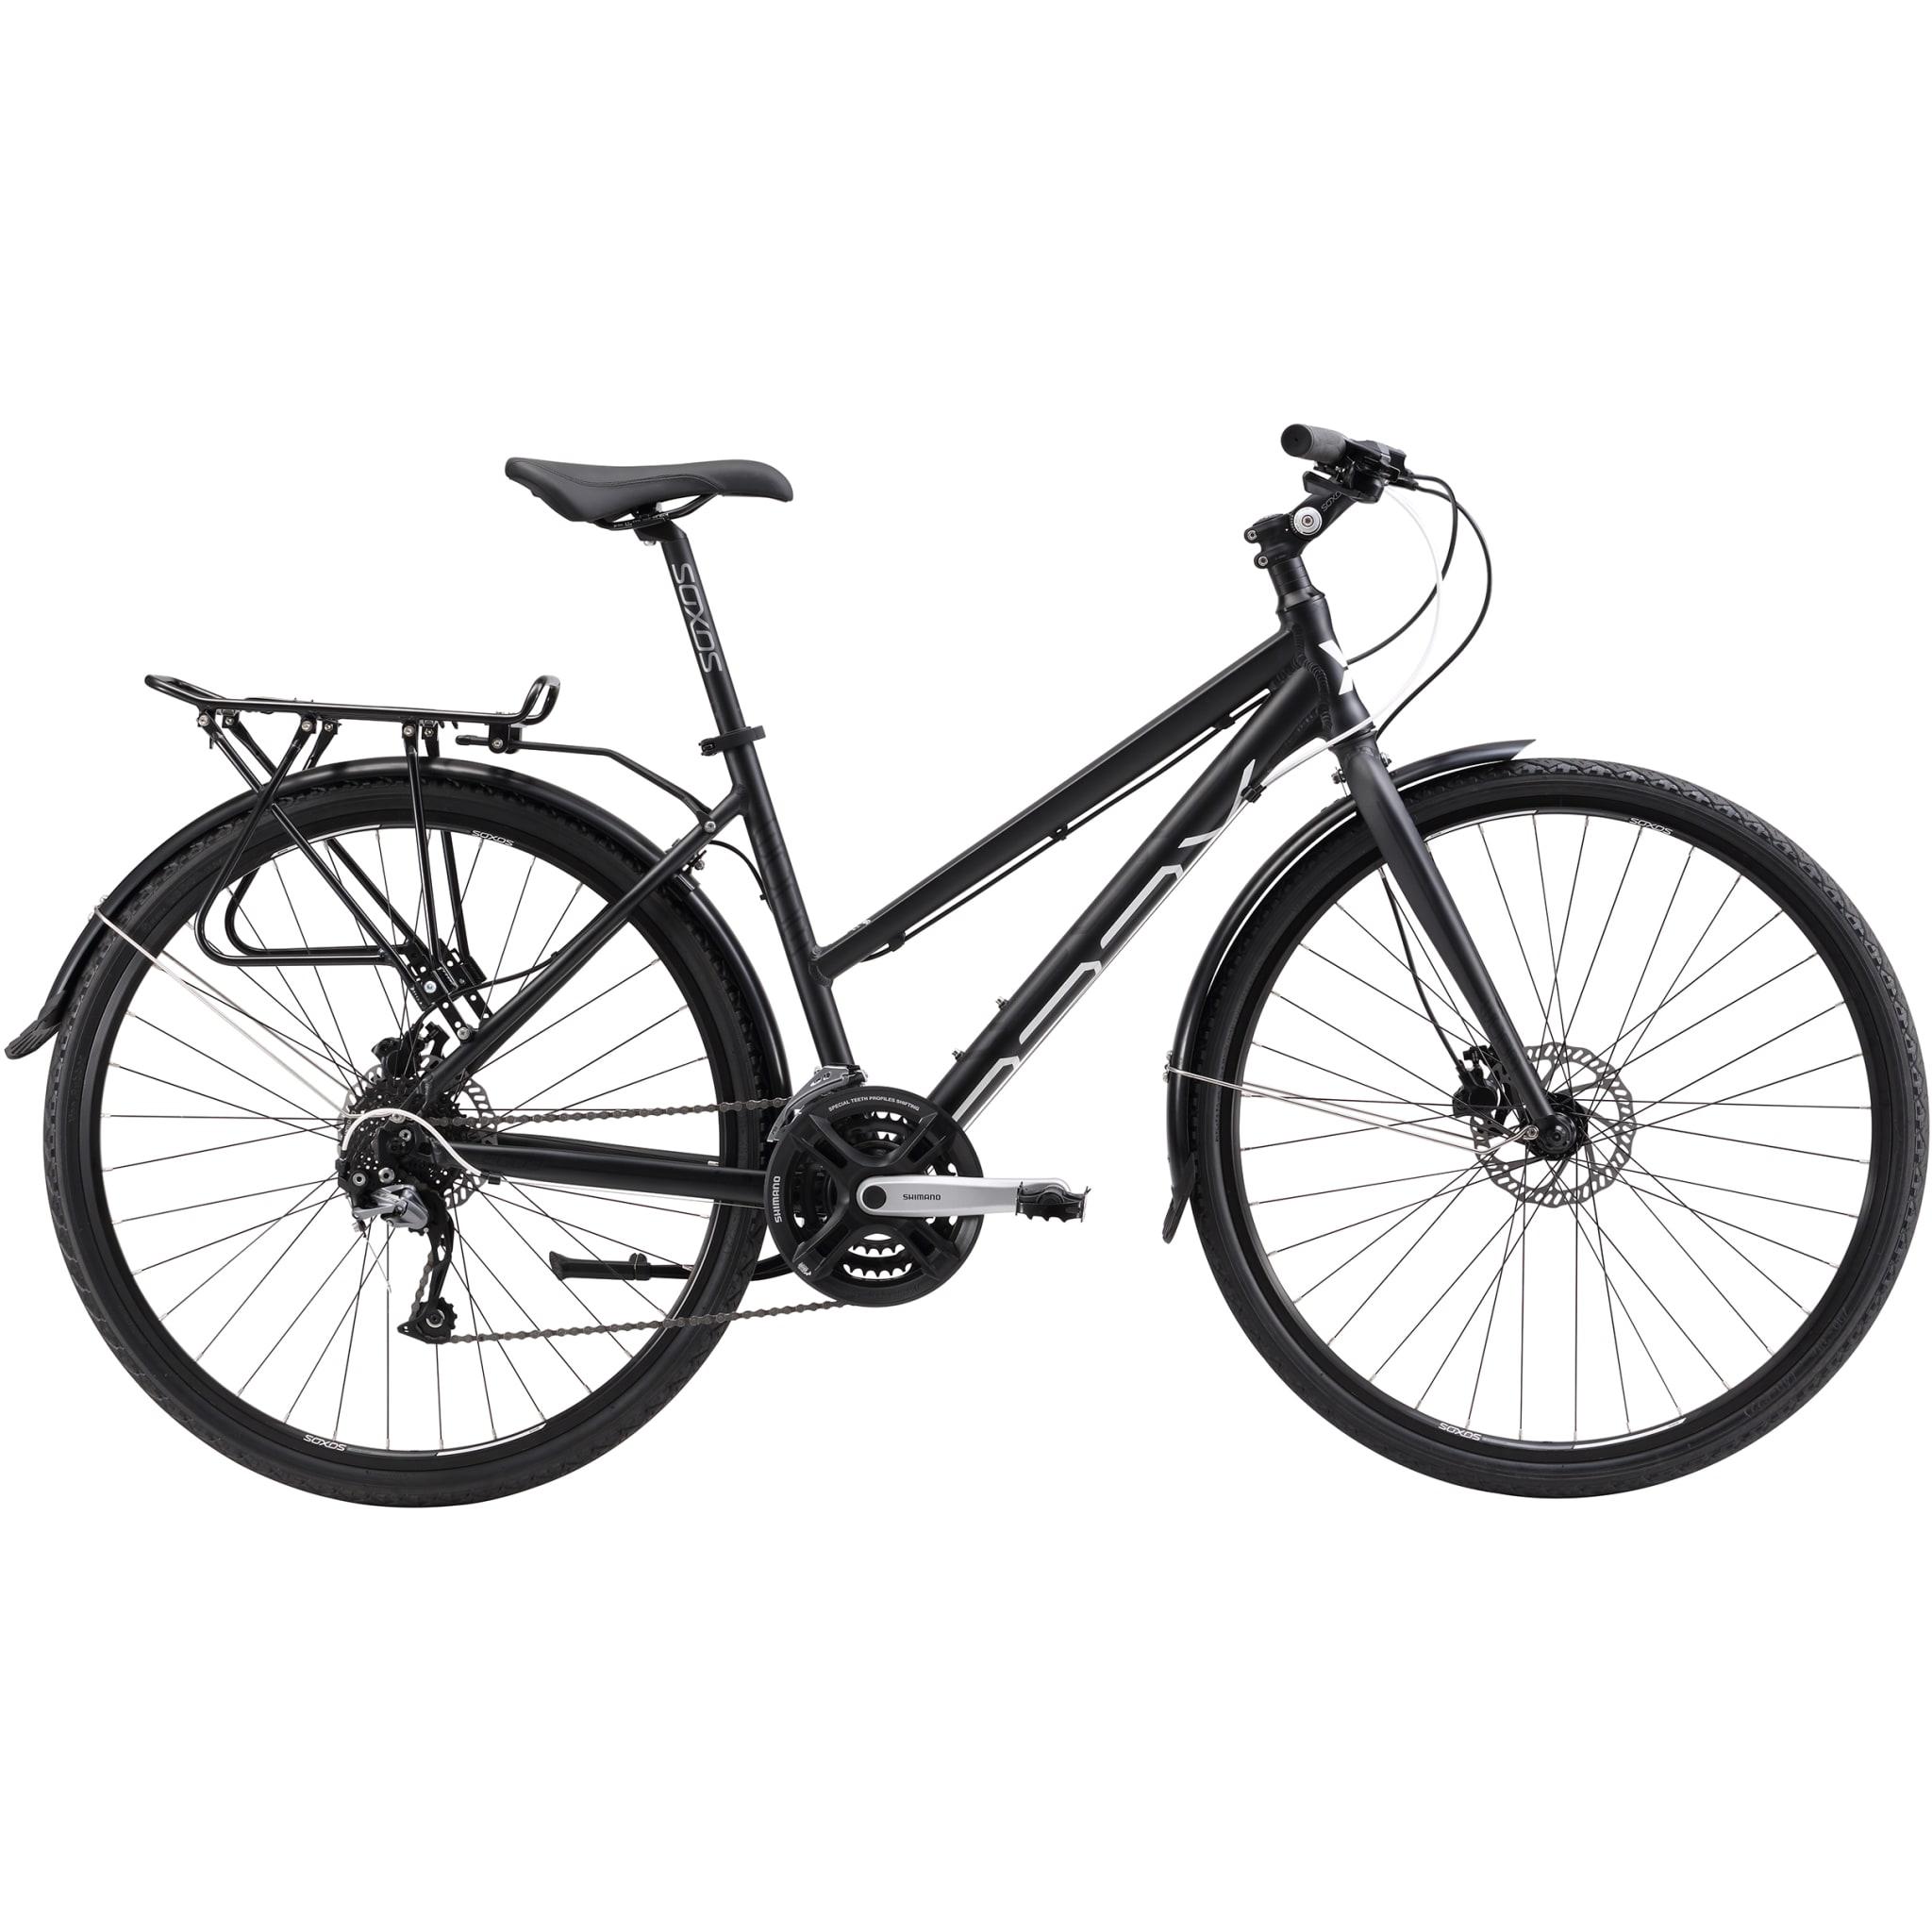 Praktisk hybrid for transport og tur.